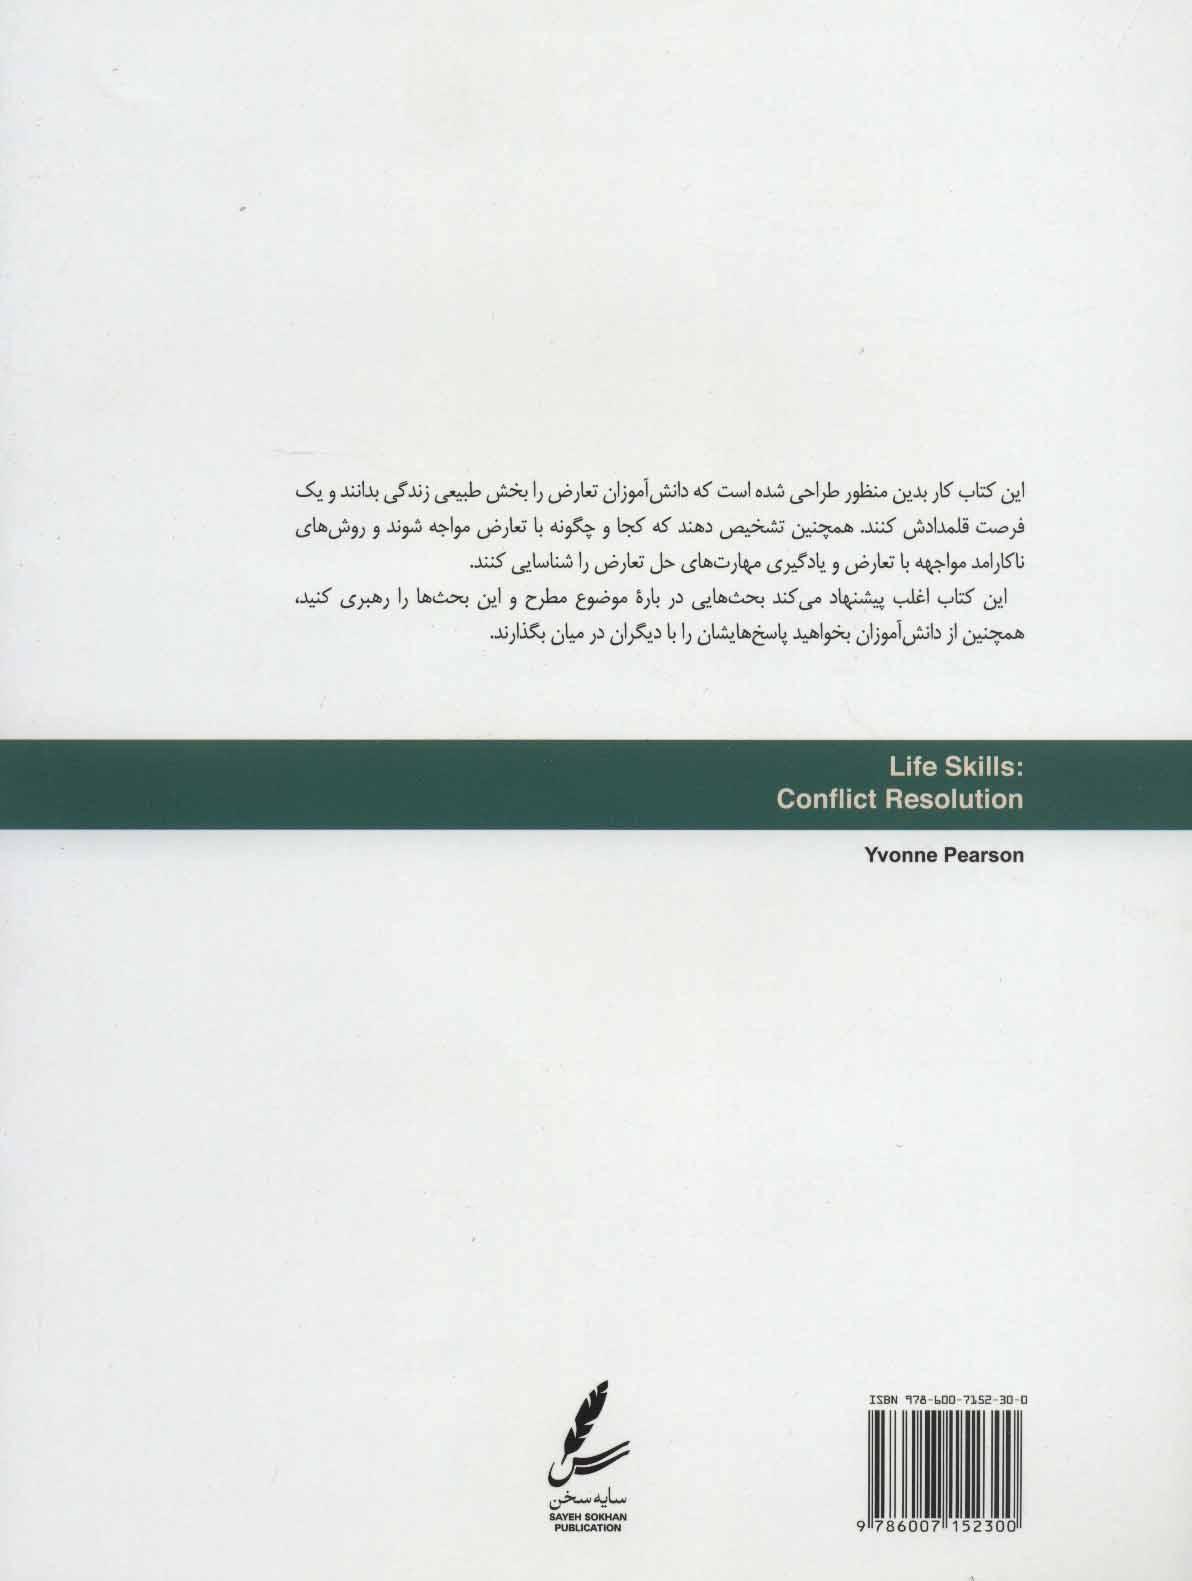 حل تعارض:کتاب کار نوجوان (مهارت های زندگی نوجوانان)